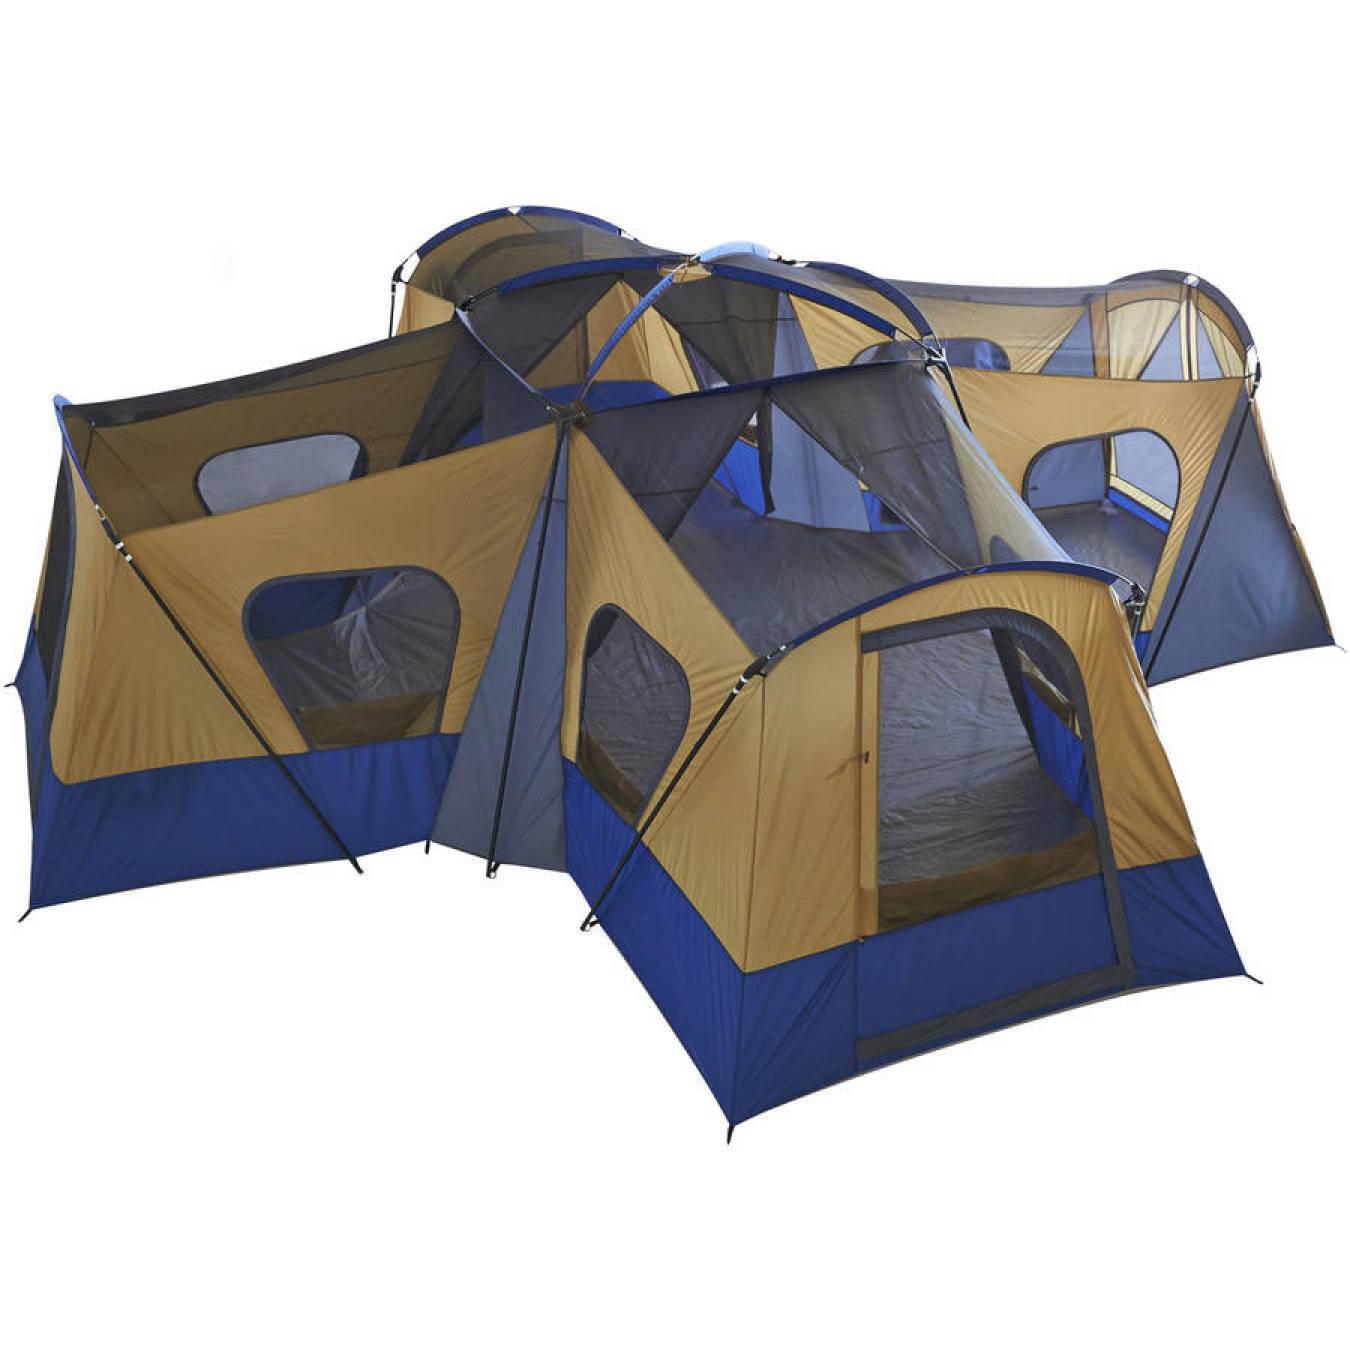 Ozark Trail 14 personas 4-habitación tienda Cabaña campamento base con 4 entradas configurar rápido